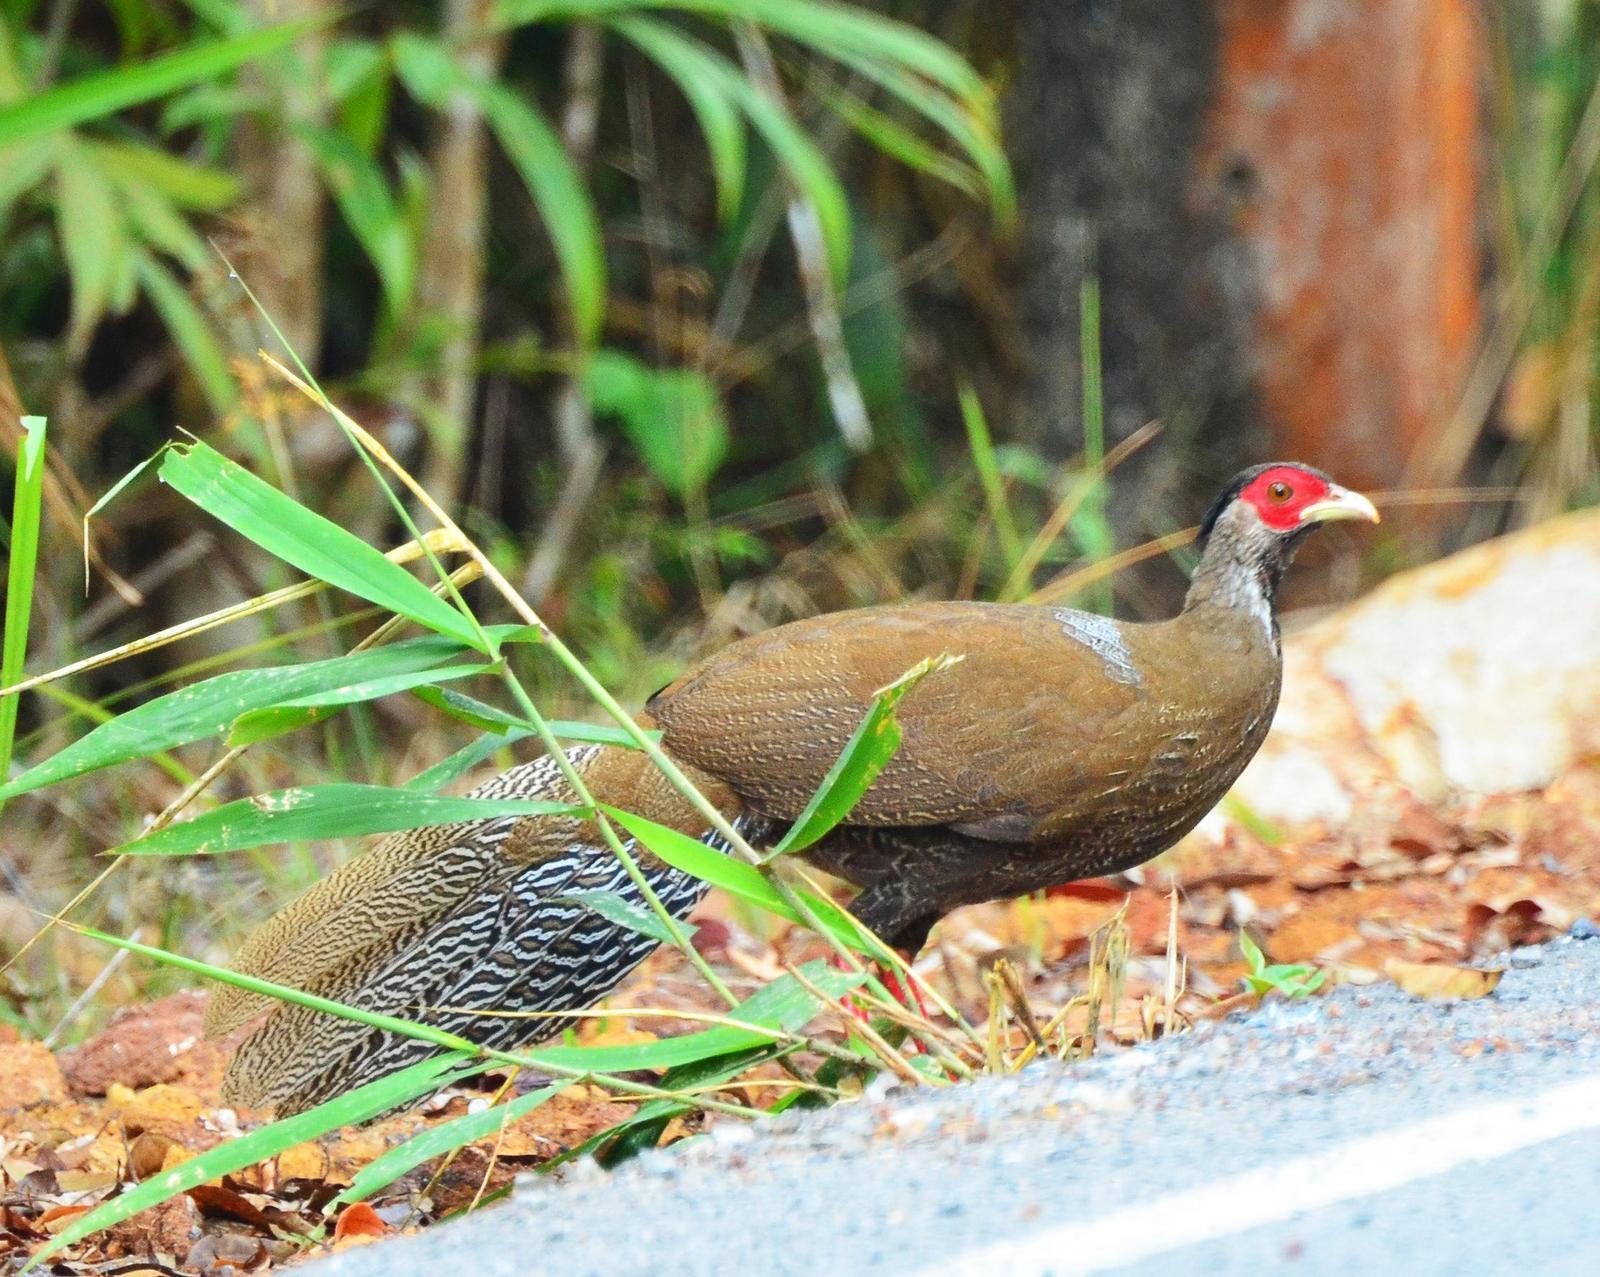 Silver Pheasant Photo by Uthai Cheummarung